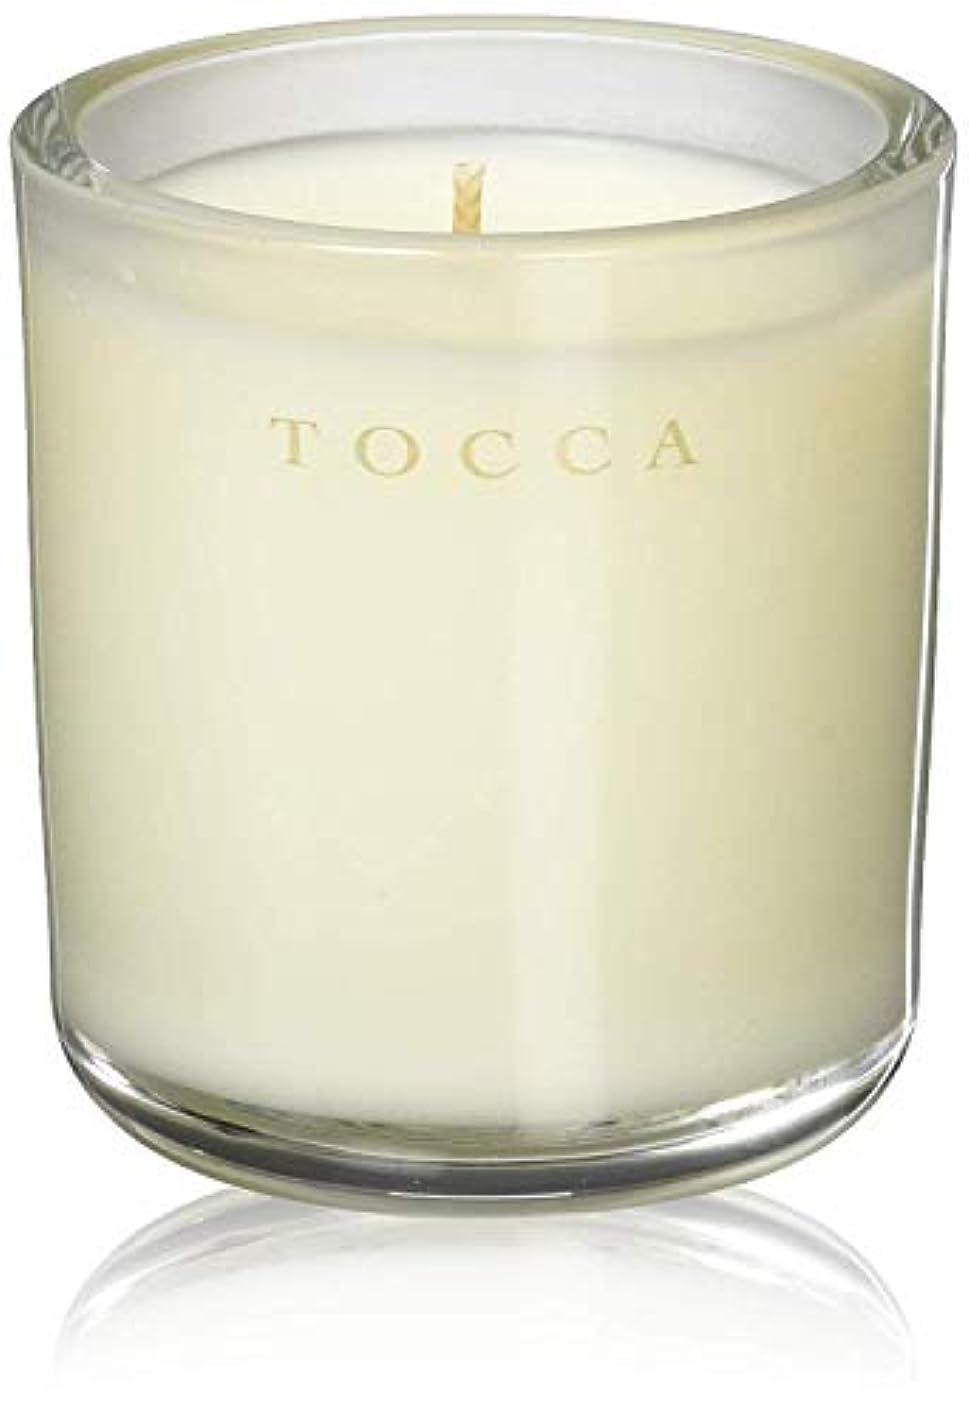 助けになる野心追い払うTOCCA(トッカ) ボヤージュ キャンデリーナ バレンシア 85g (ろうそく 芳香 オレンジとベルガモットのフレッシュシトラスな香り)